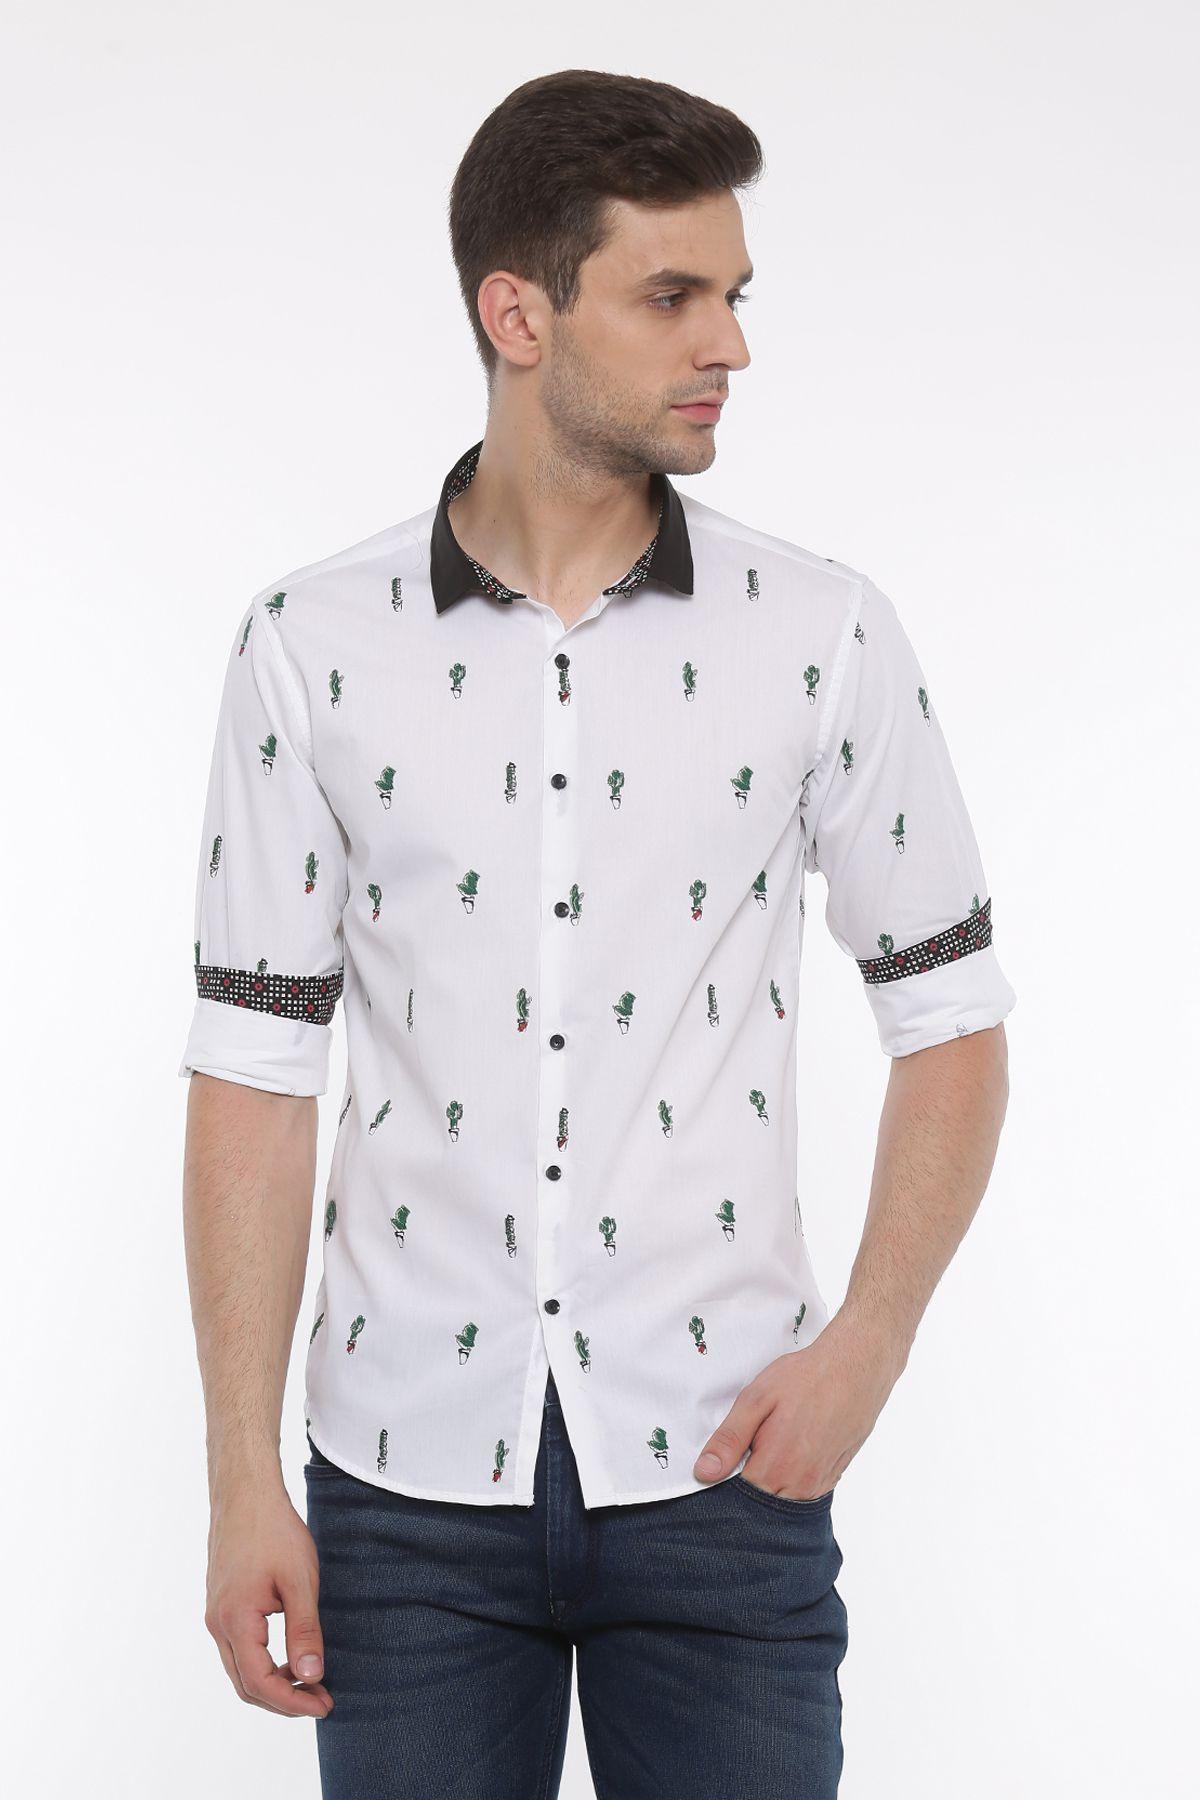 showoff White Slim Fit Shirt